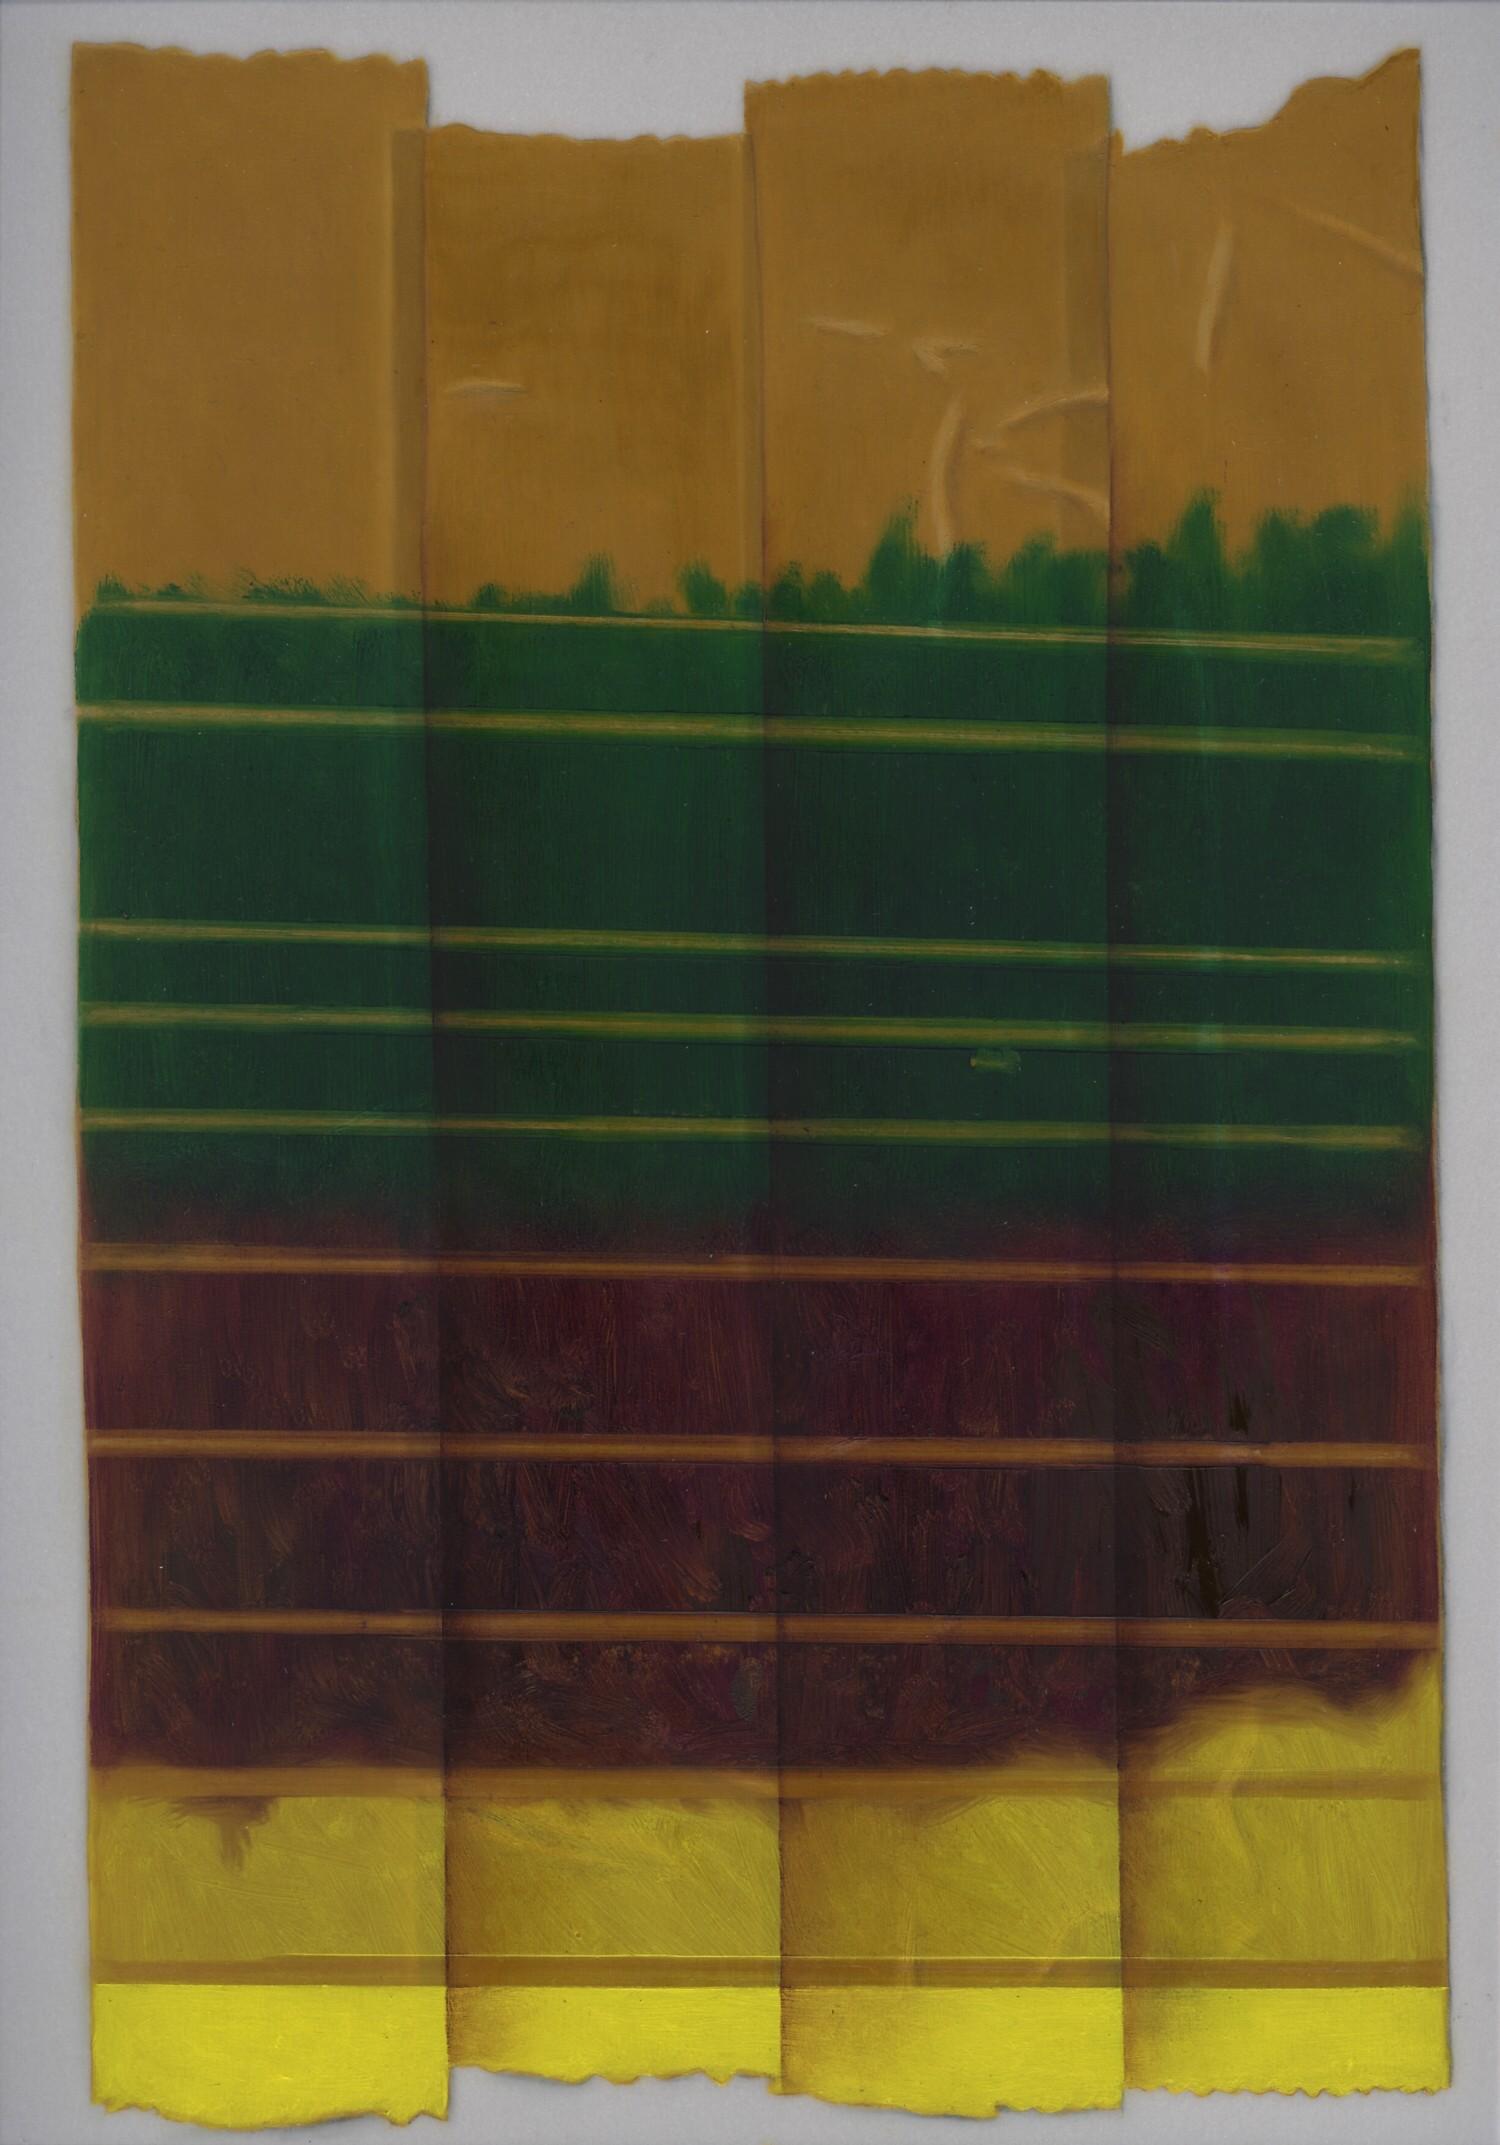 Vellum 39#2013, 29,7 x 21 cm, Öl auf Transparentpapier